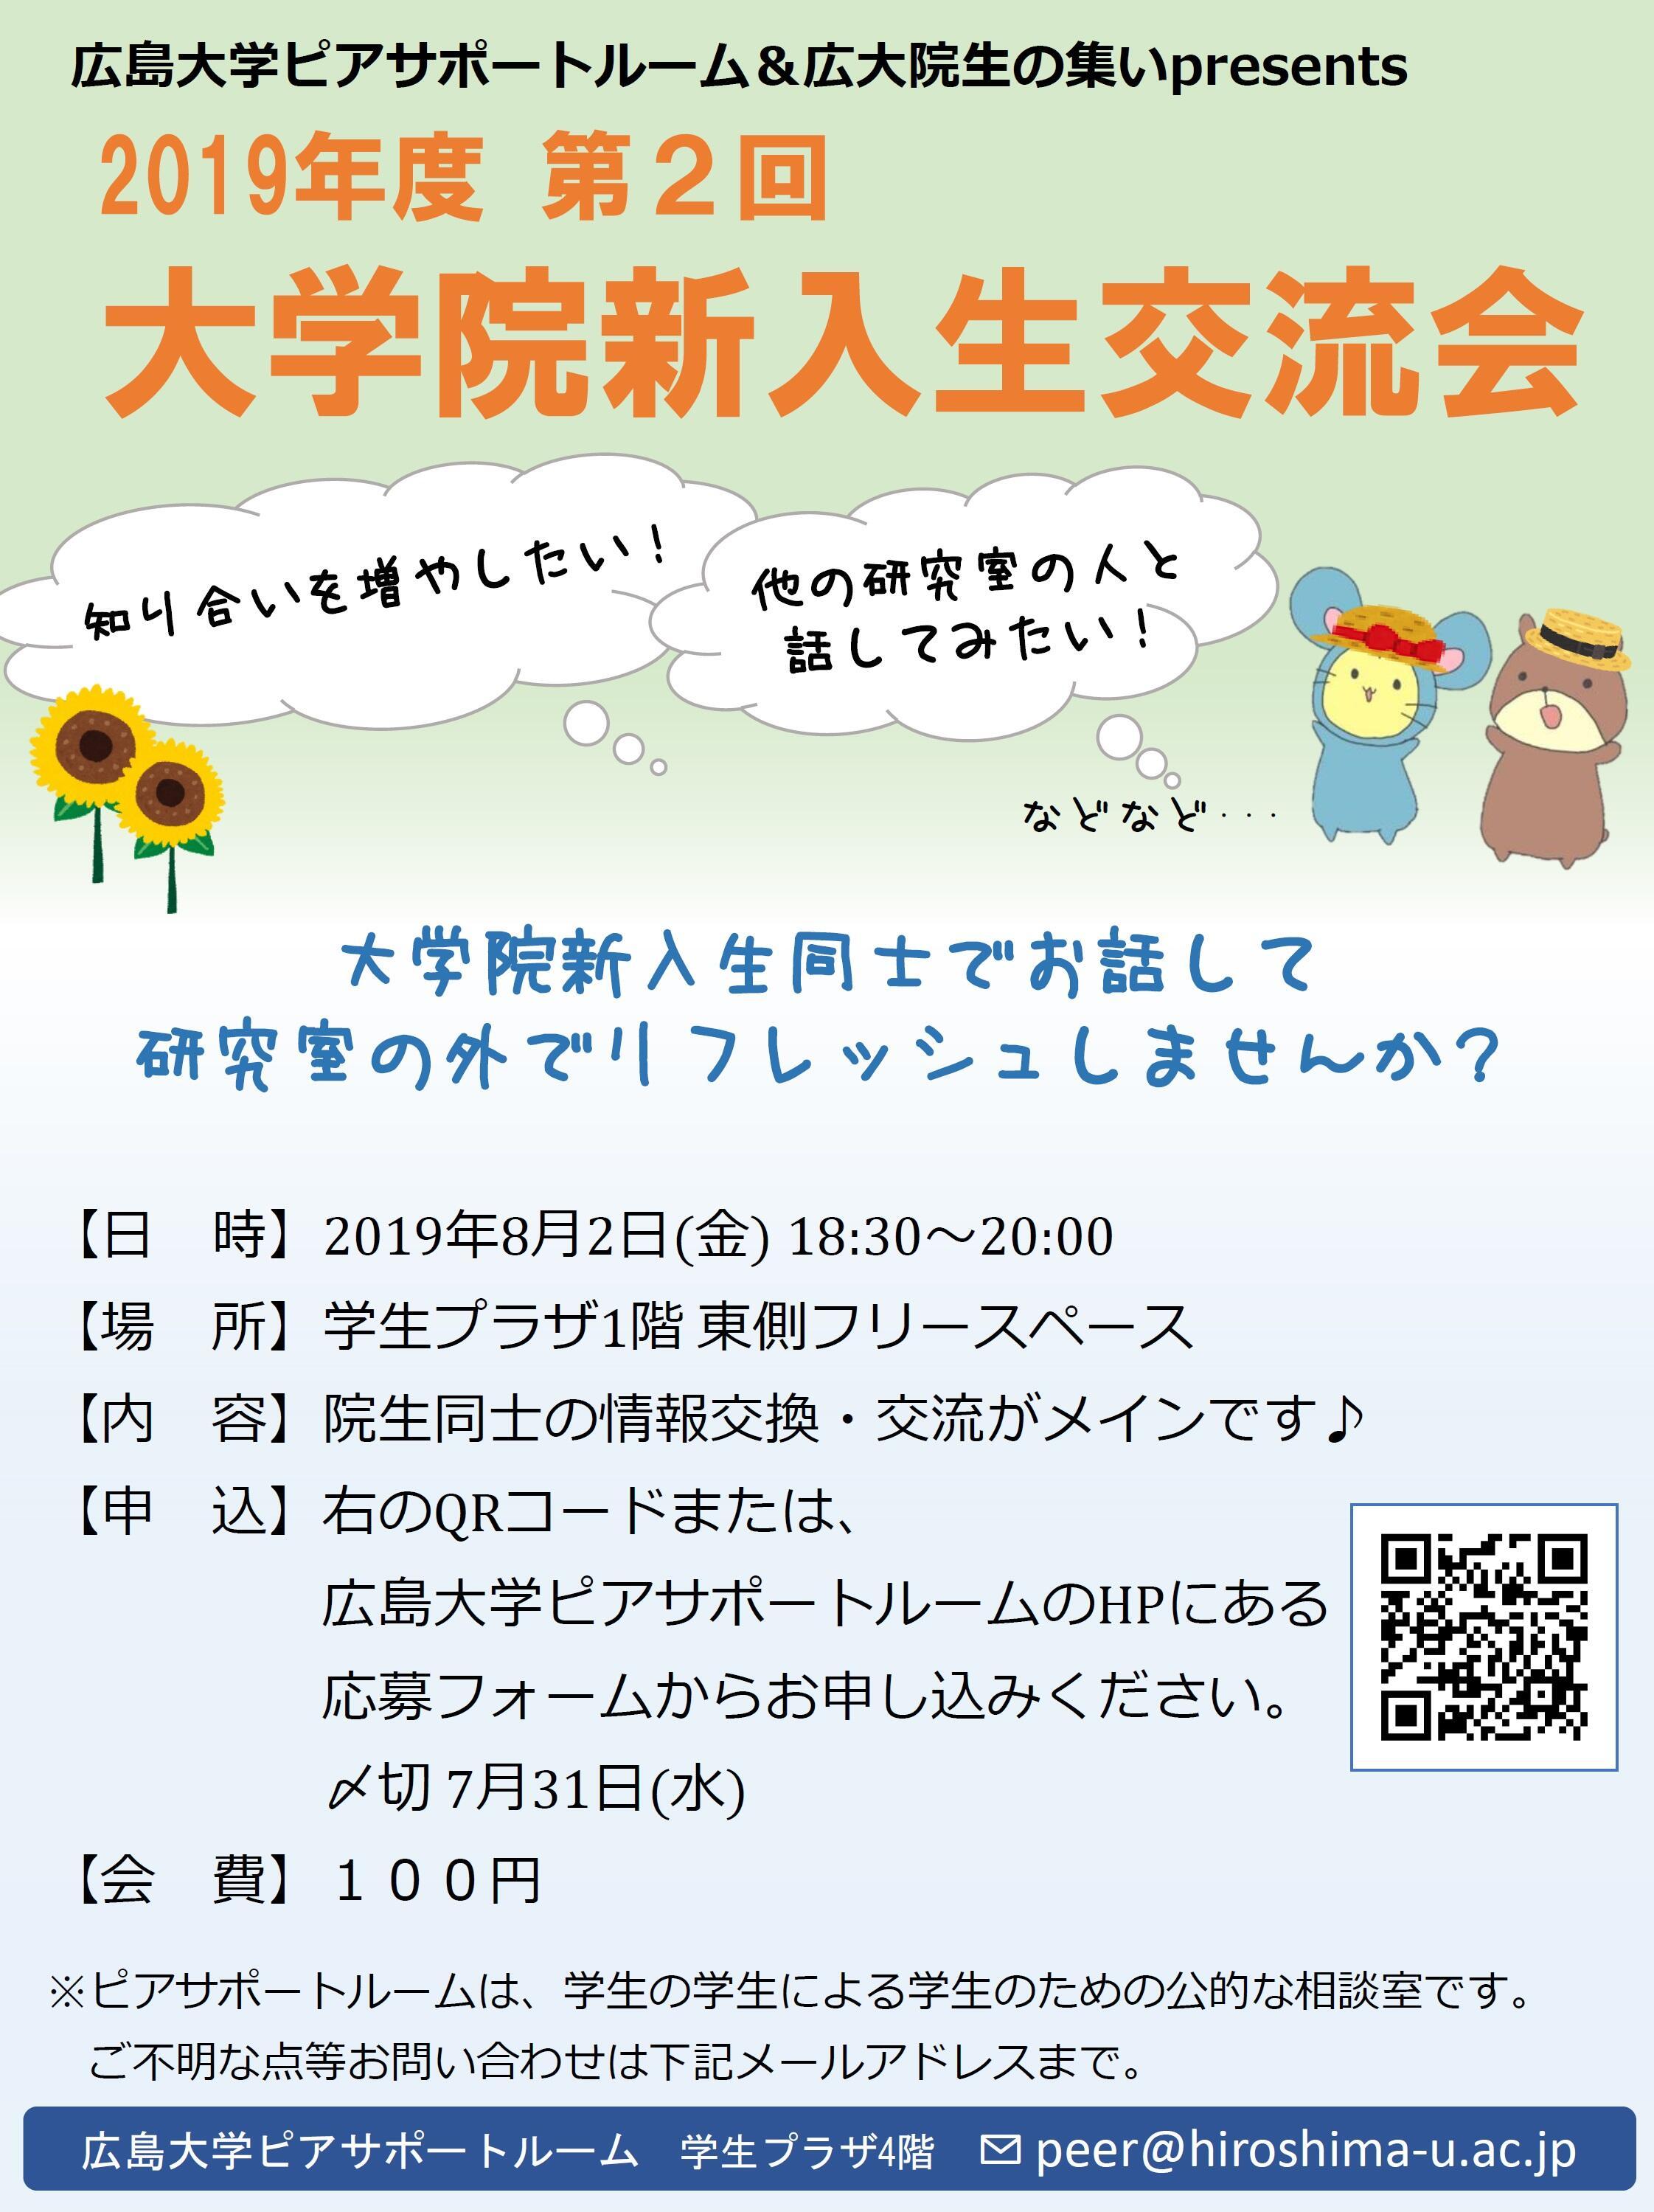 2019年度第2回大学院新入生交流会のお知らせ【広島大学ピアサポートルーム】